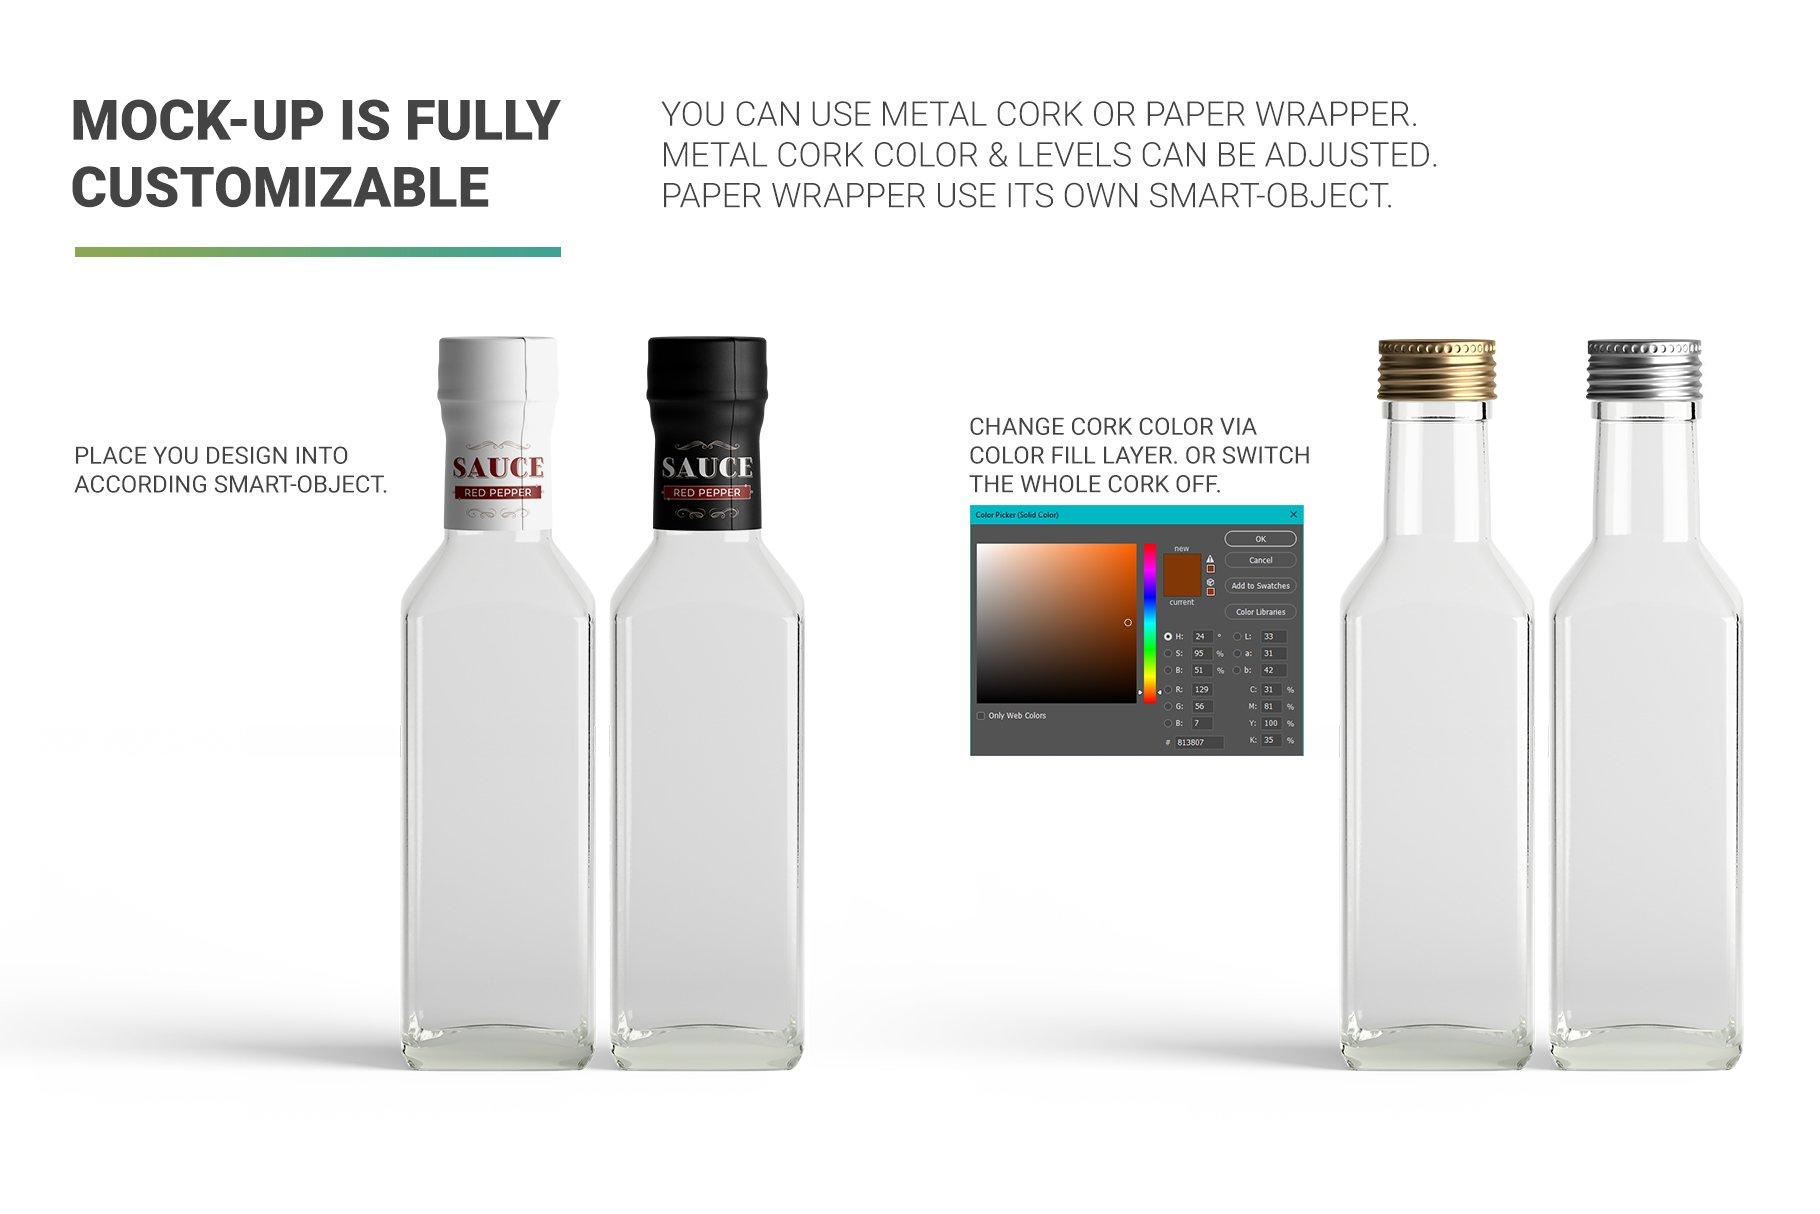 方形玻璃果酱酱油瓶样机 Sauce Bottle Mockup插图(3)